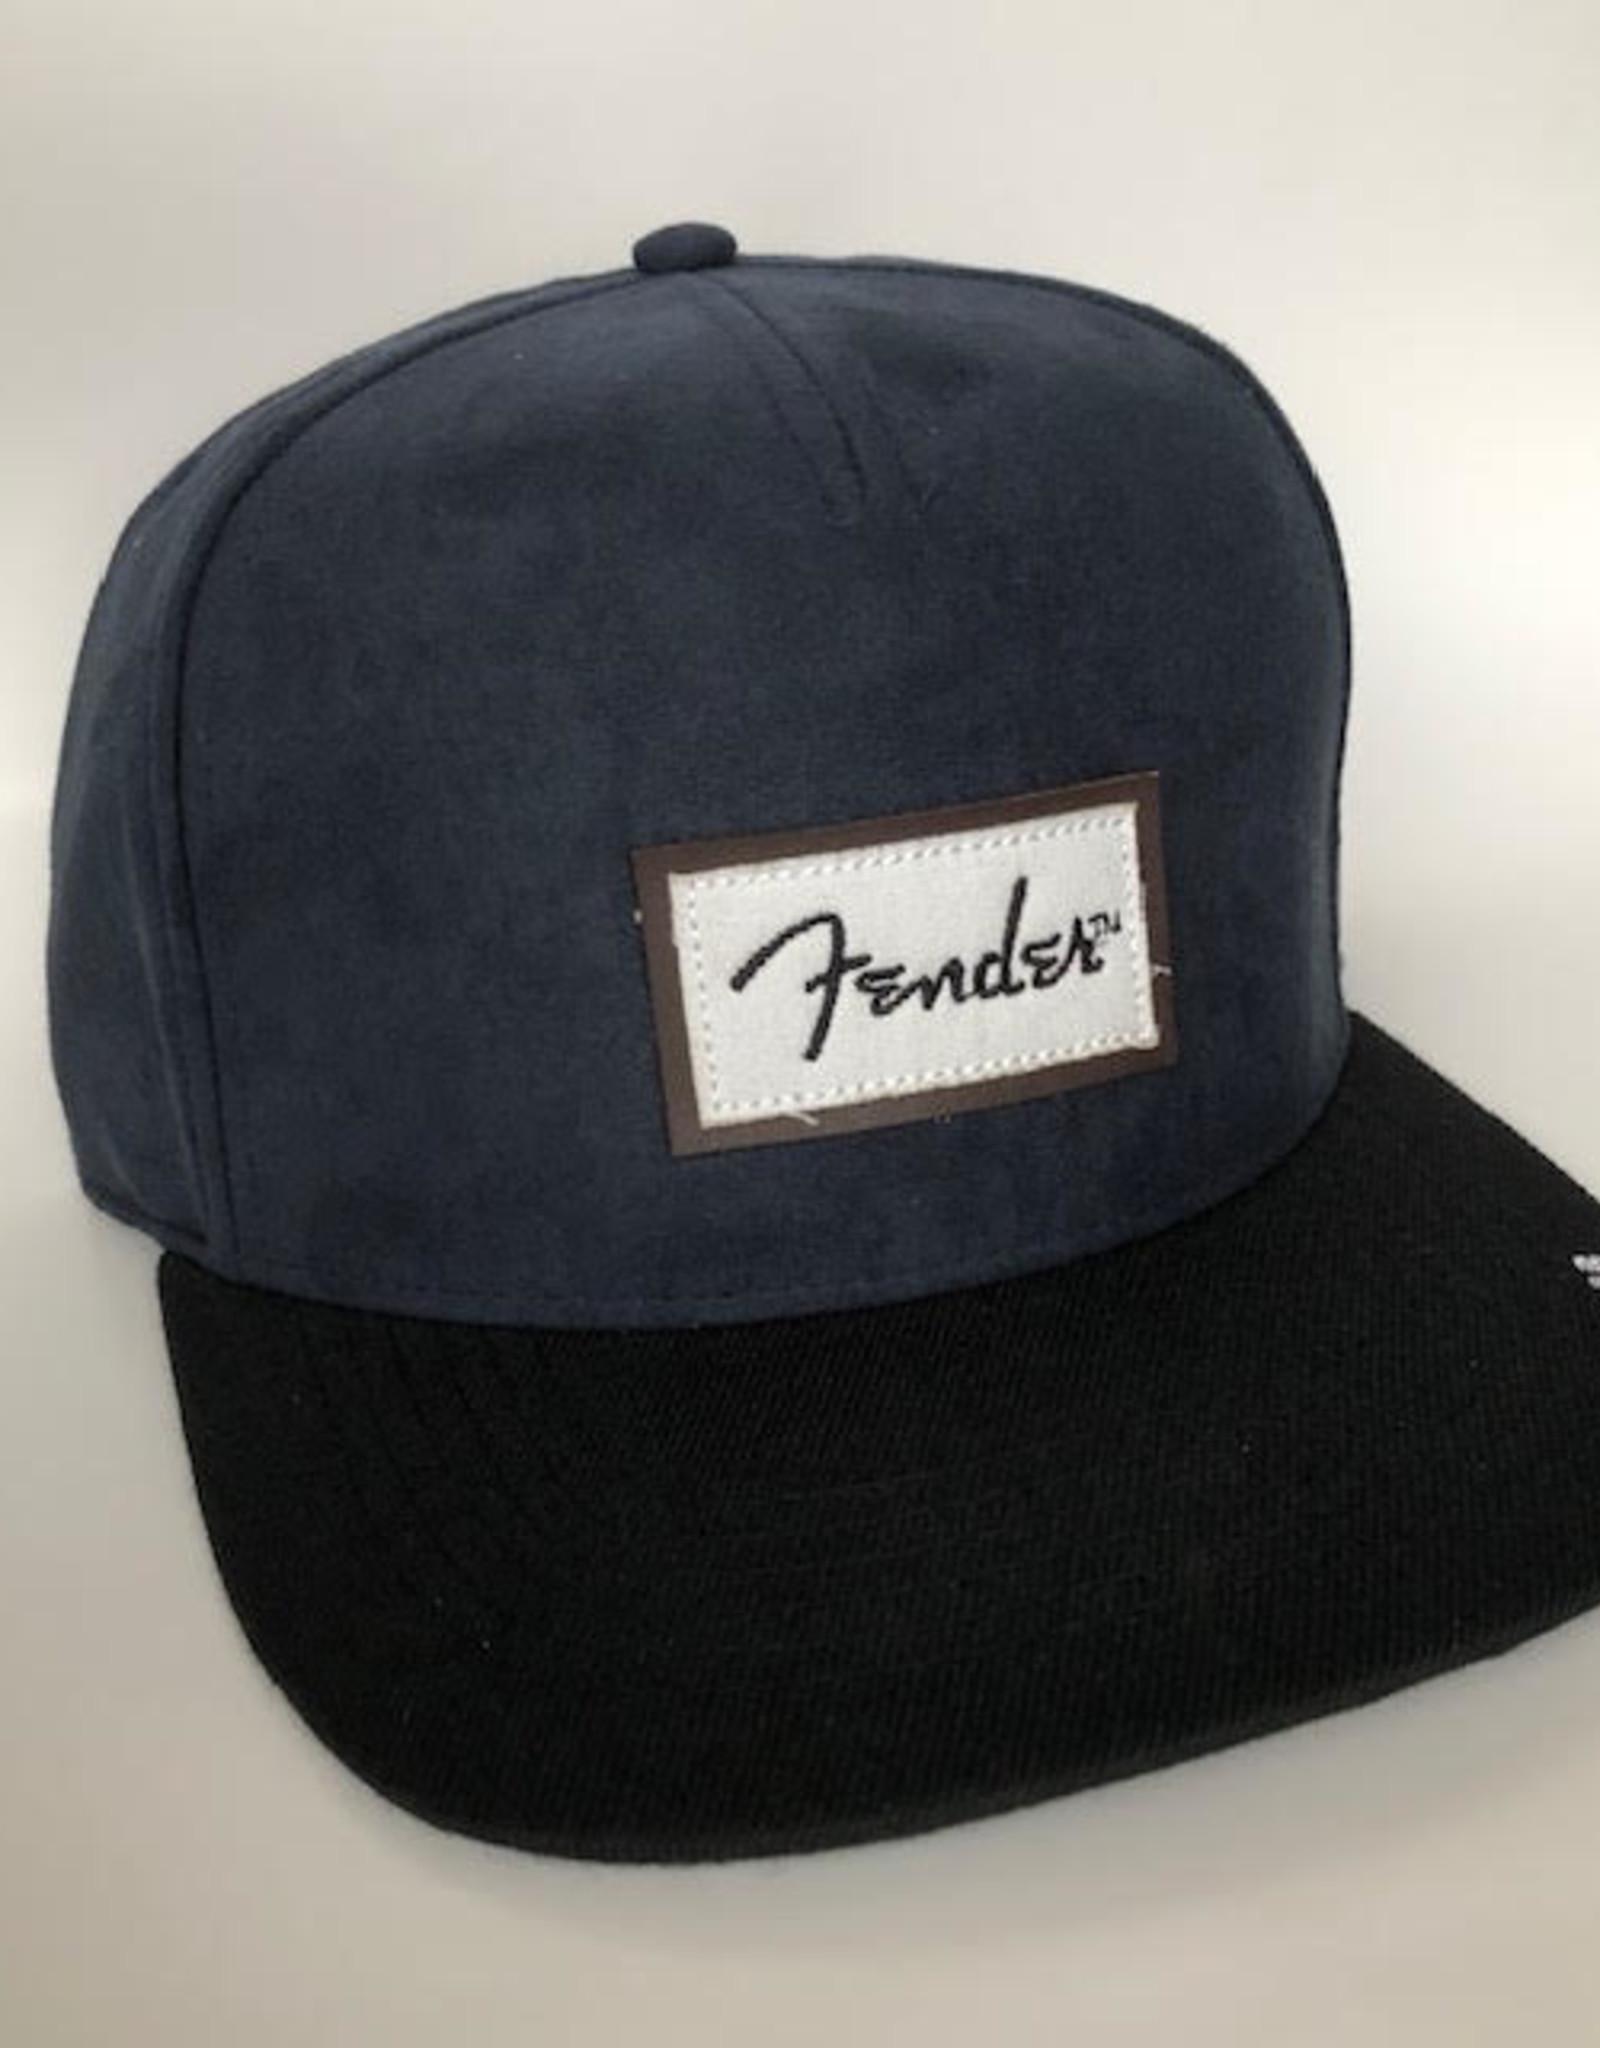 Fender Fender Suede Patch Logo Snapback Hat, Black and Blue